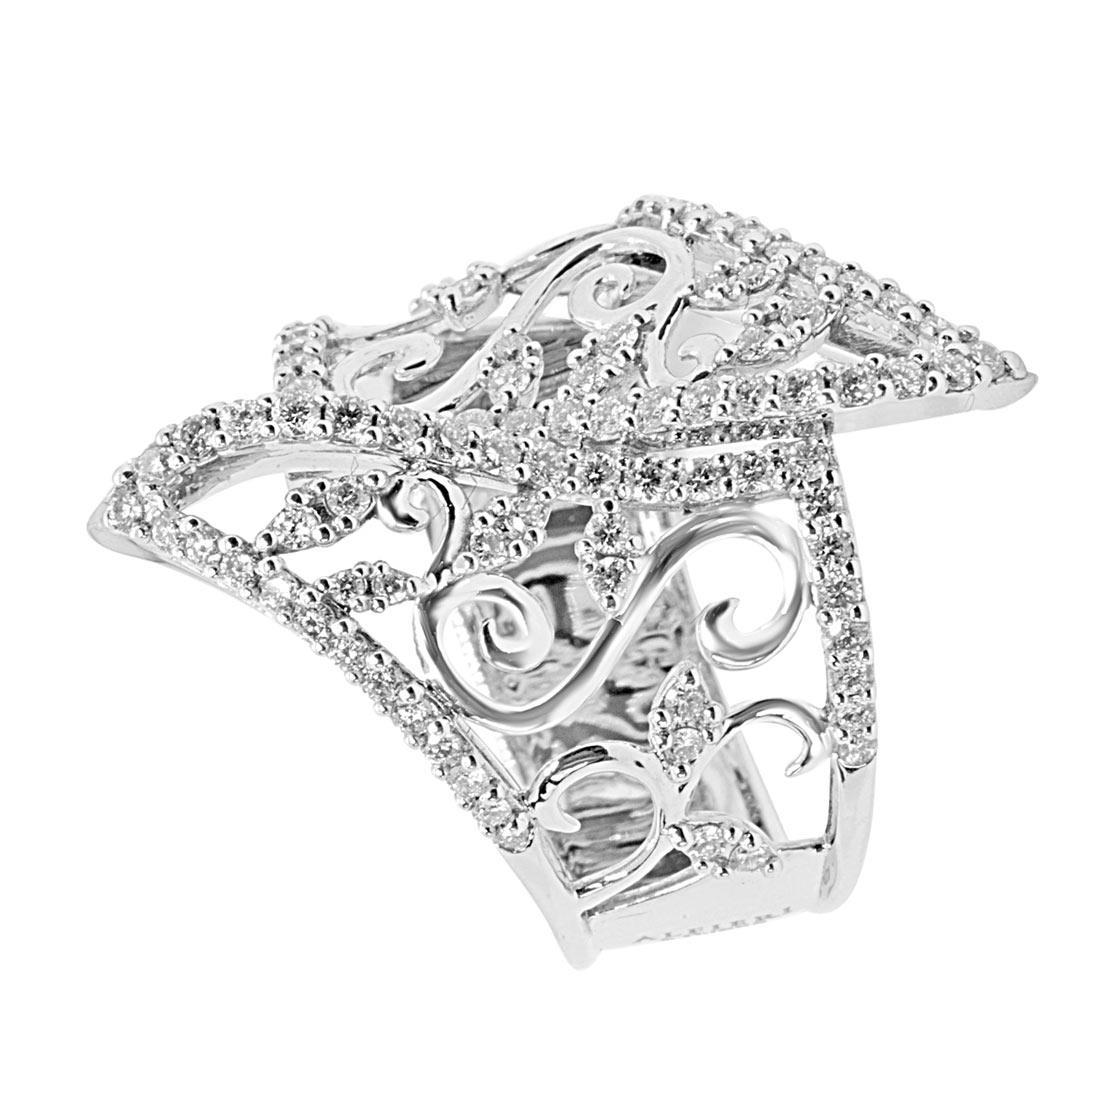 Anello in oro bianco con diamanti mis 15 - ALFIERI ST JOHN